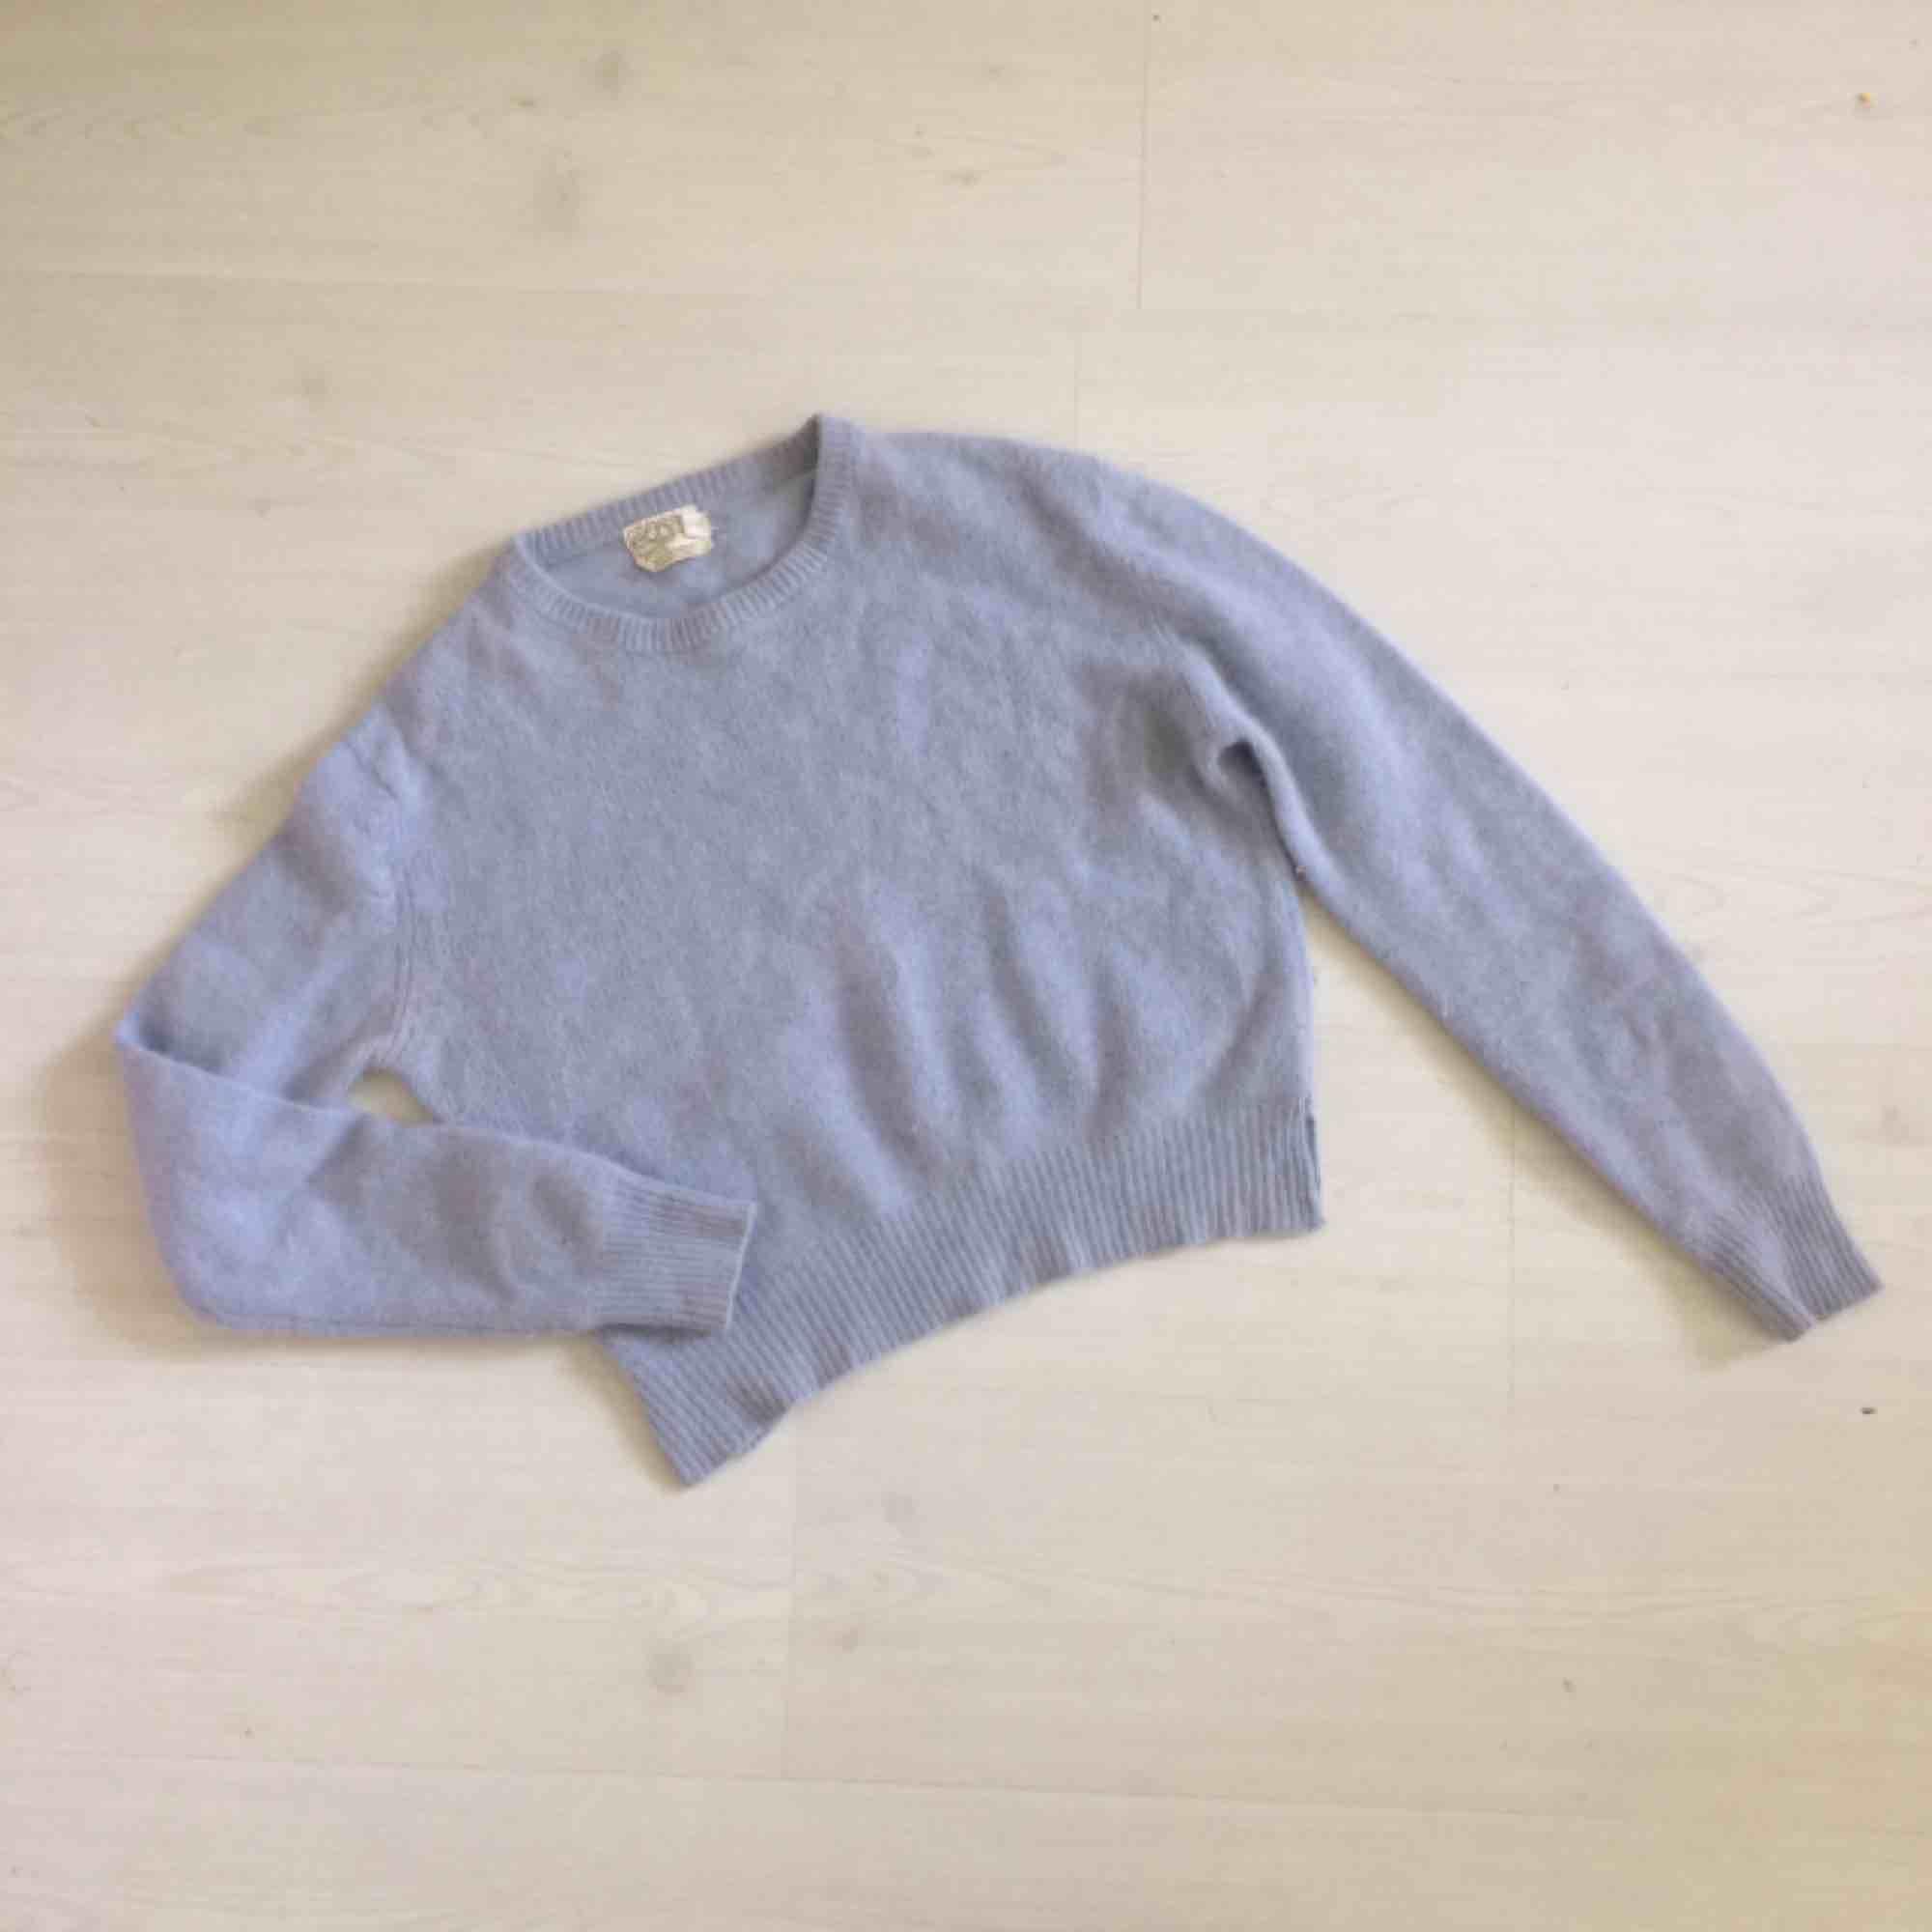 Jättefin tröja köpt vintag i London. Ljuslila färg och materialet är ull och angora, jättemjuk! Se materialet på andra bilden, dock finast i verkligheten. Något kortare modell som ni ser så den är skitsnygg nu till sommaren.. Tröjor & Koftor.